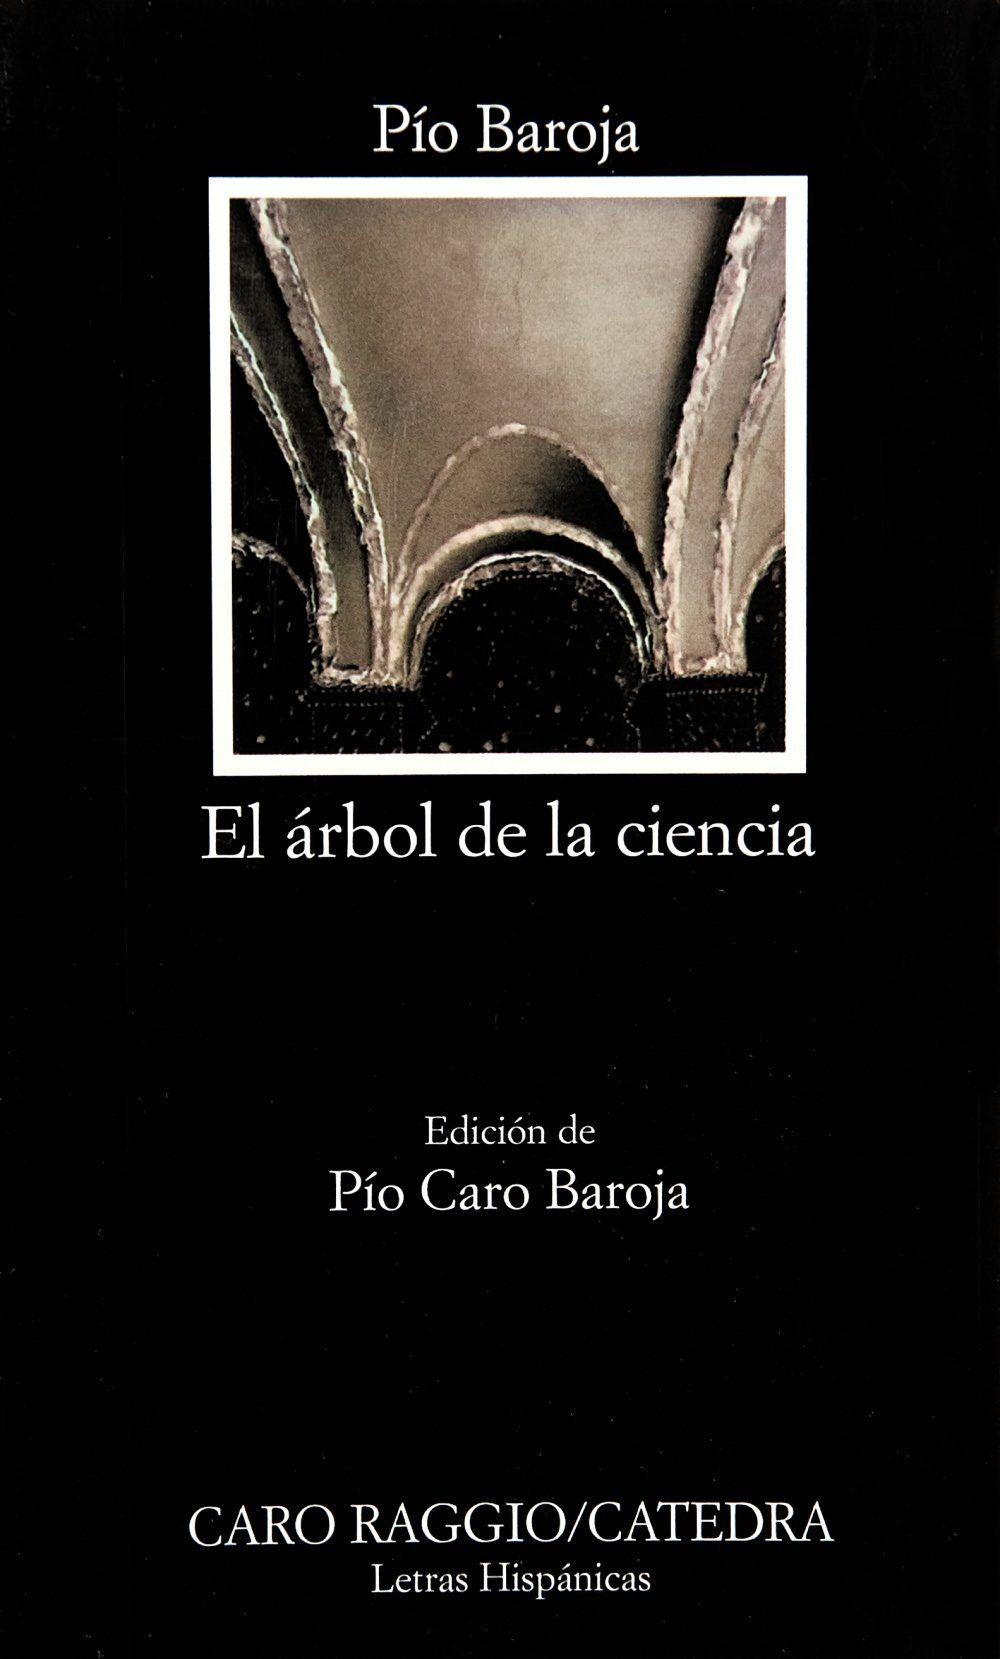 Pio Baroja Mb Libros Buscar Libros Libros 2017